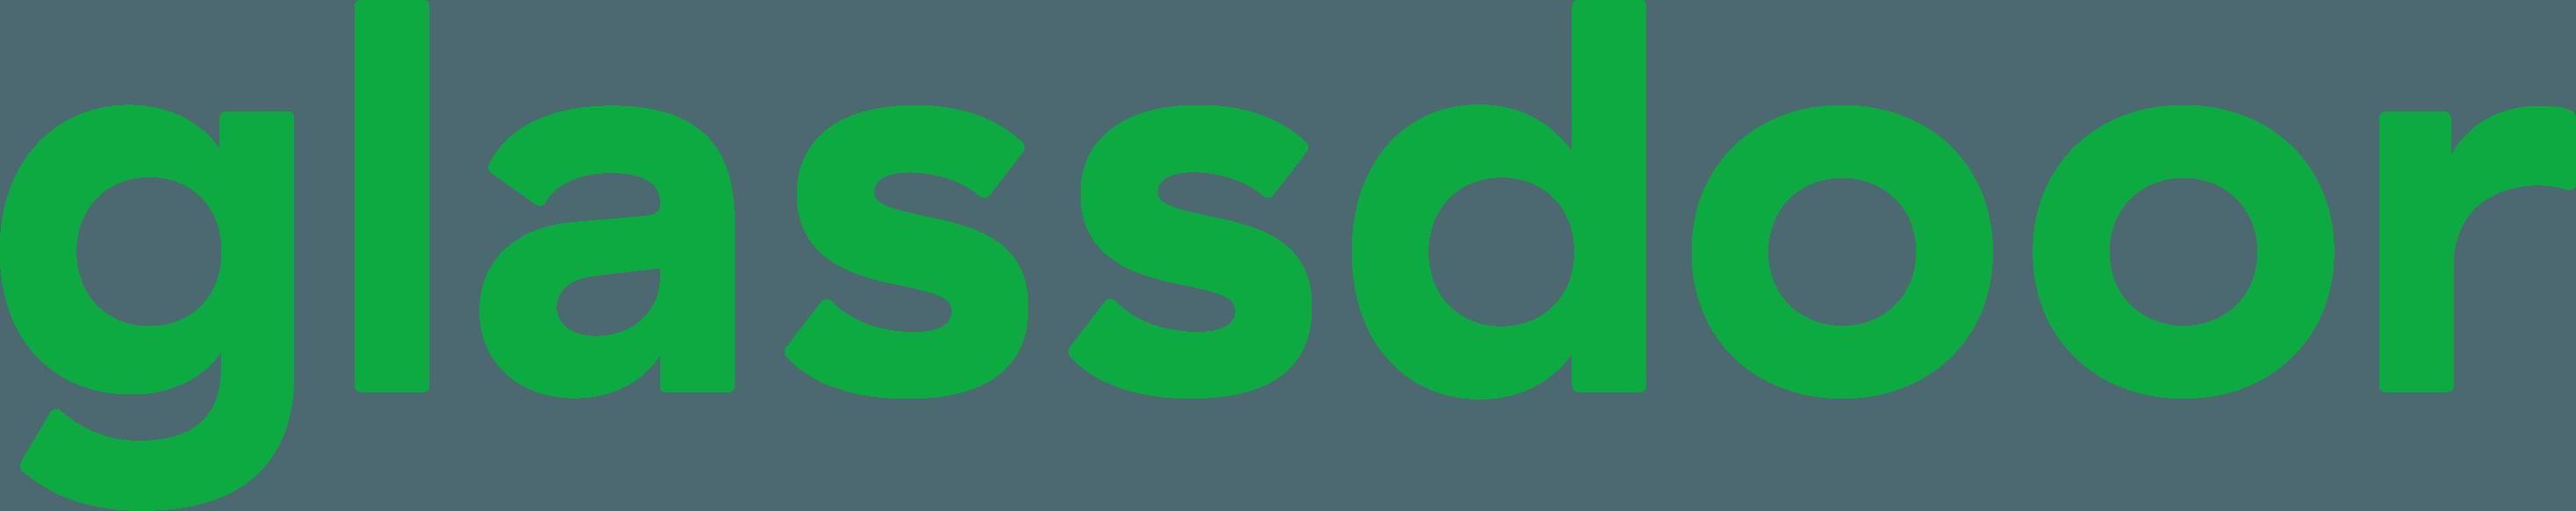 https://cdn.scribbr.com/wp-content/uploads/2019/03/glassdoor-logo.png